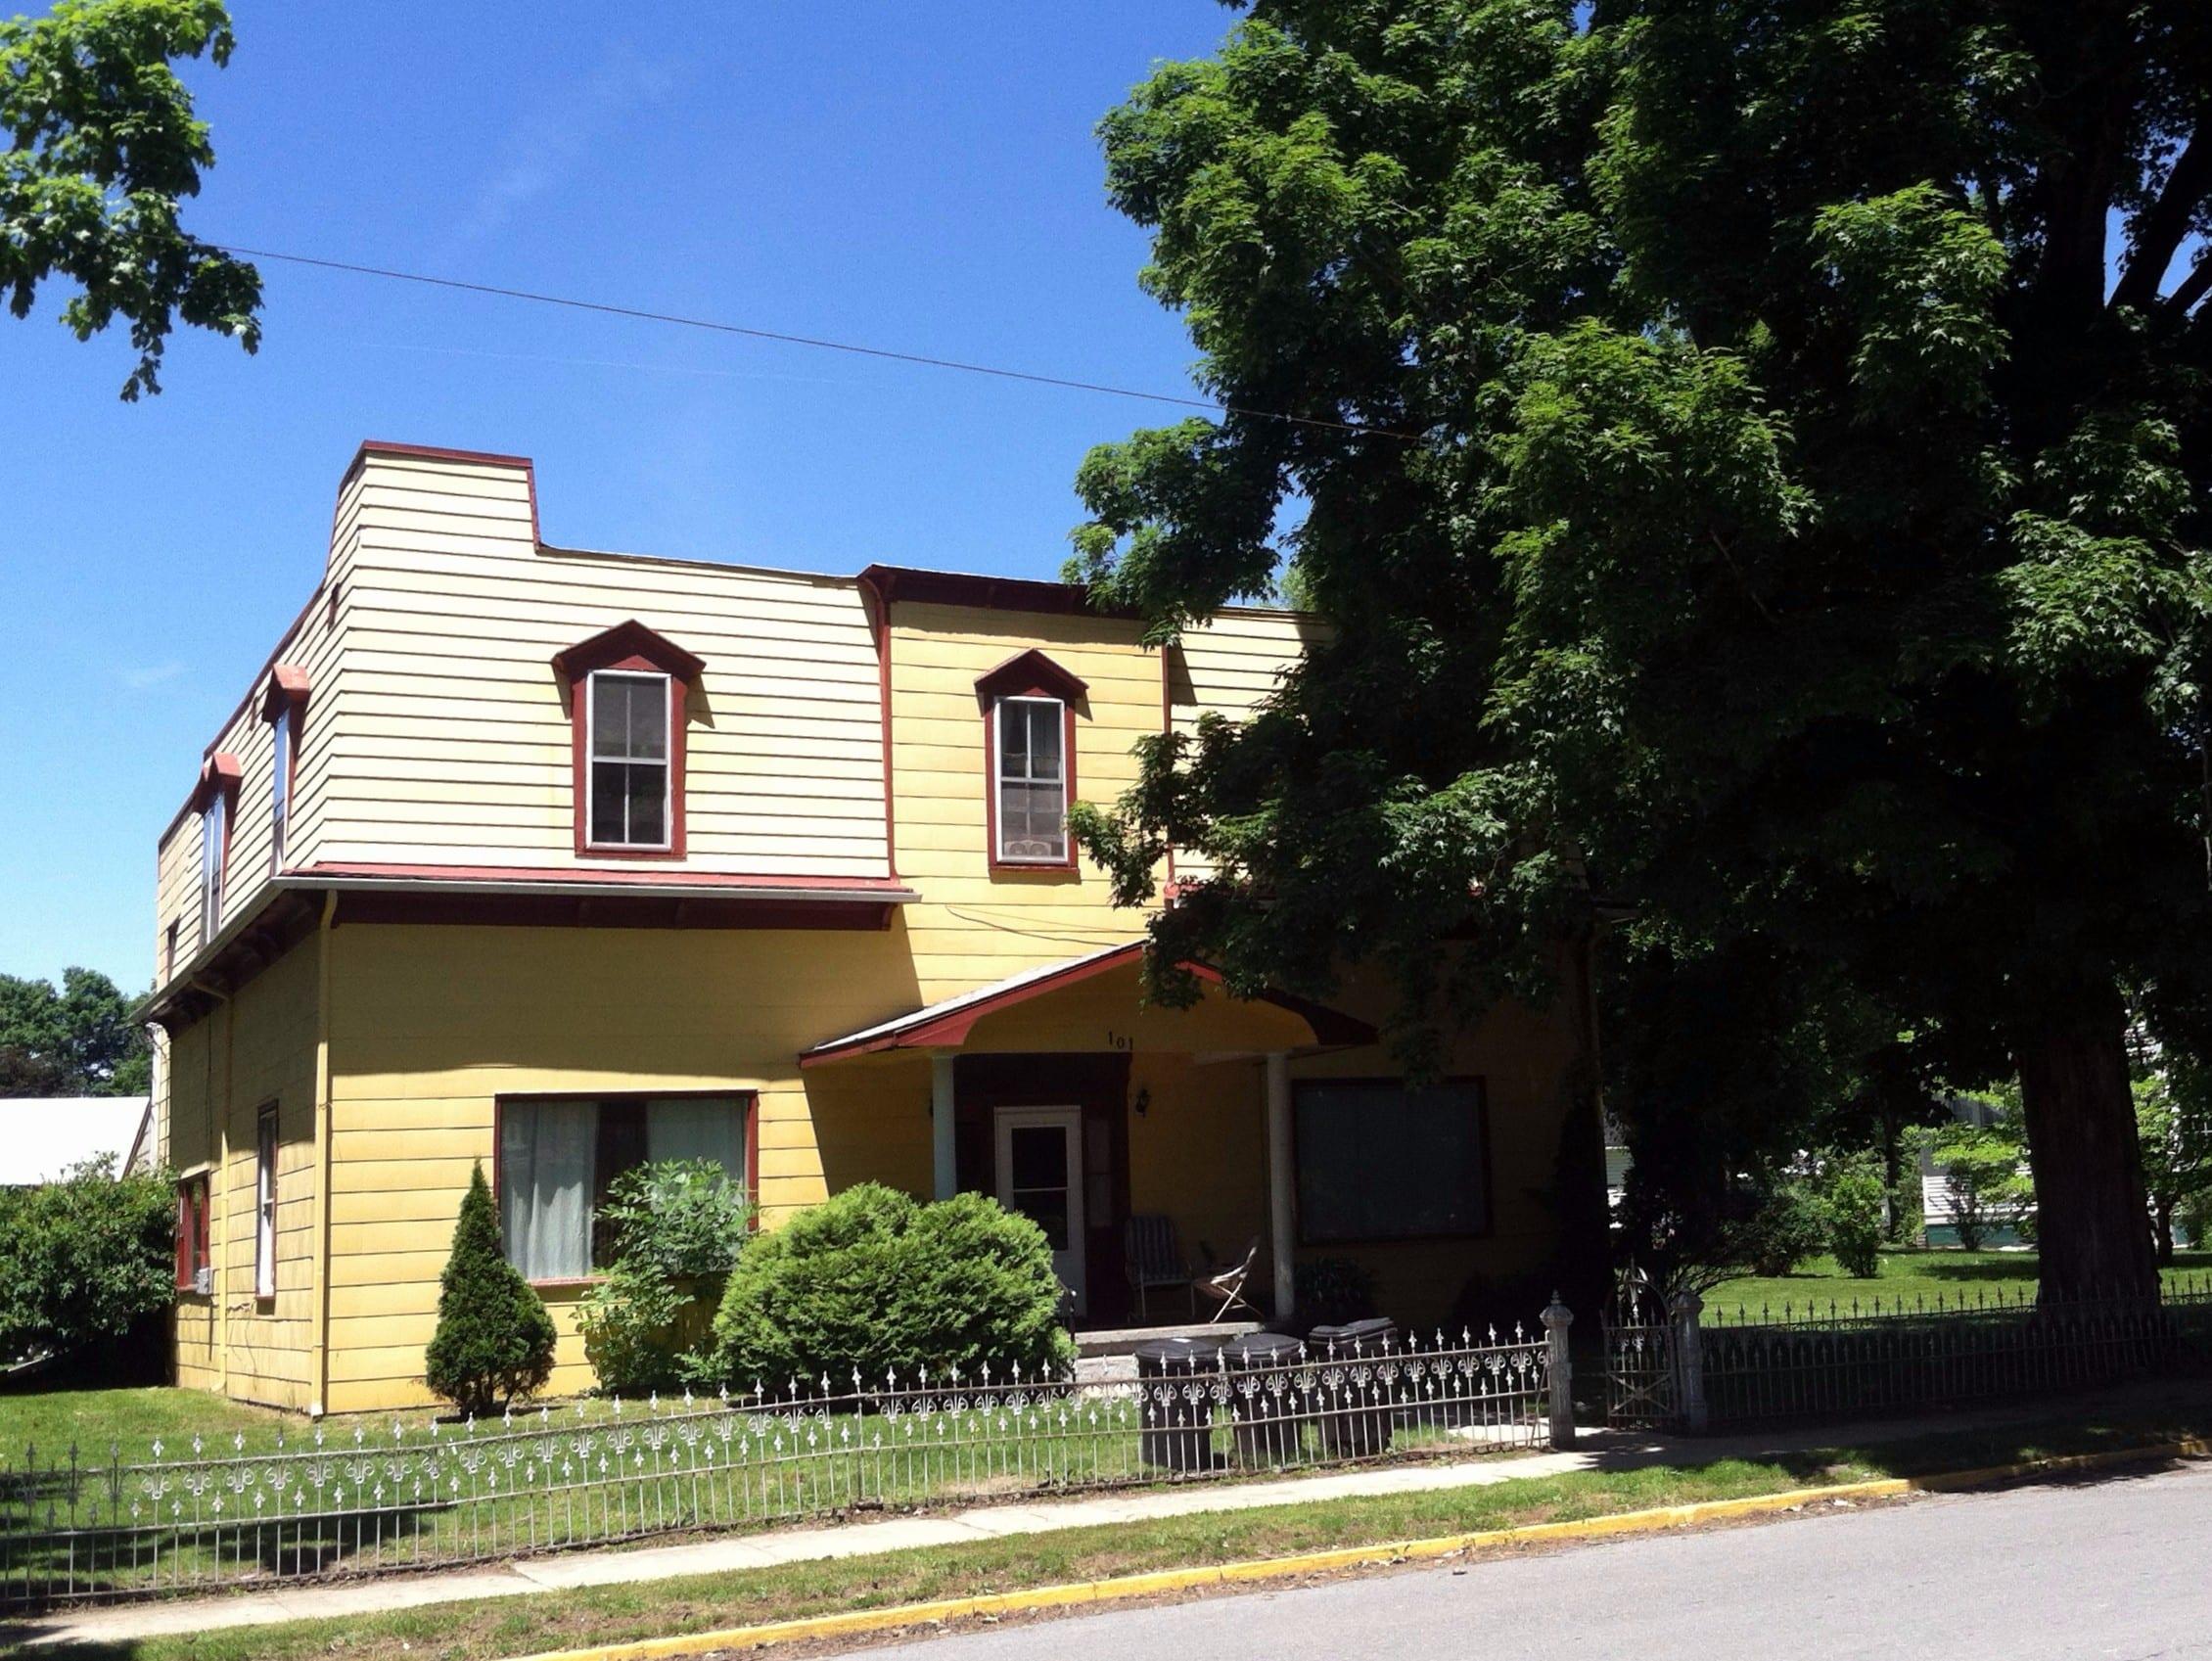 101 North Monroe St - Alderson